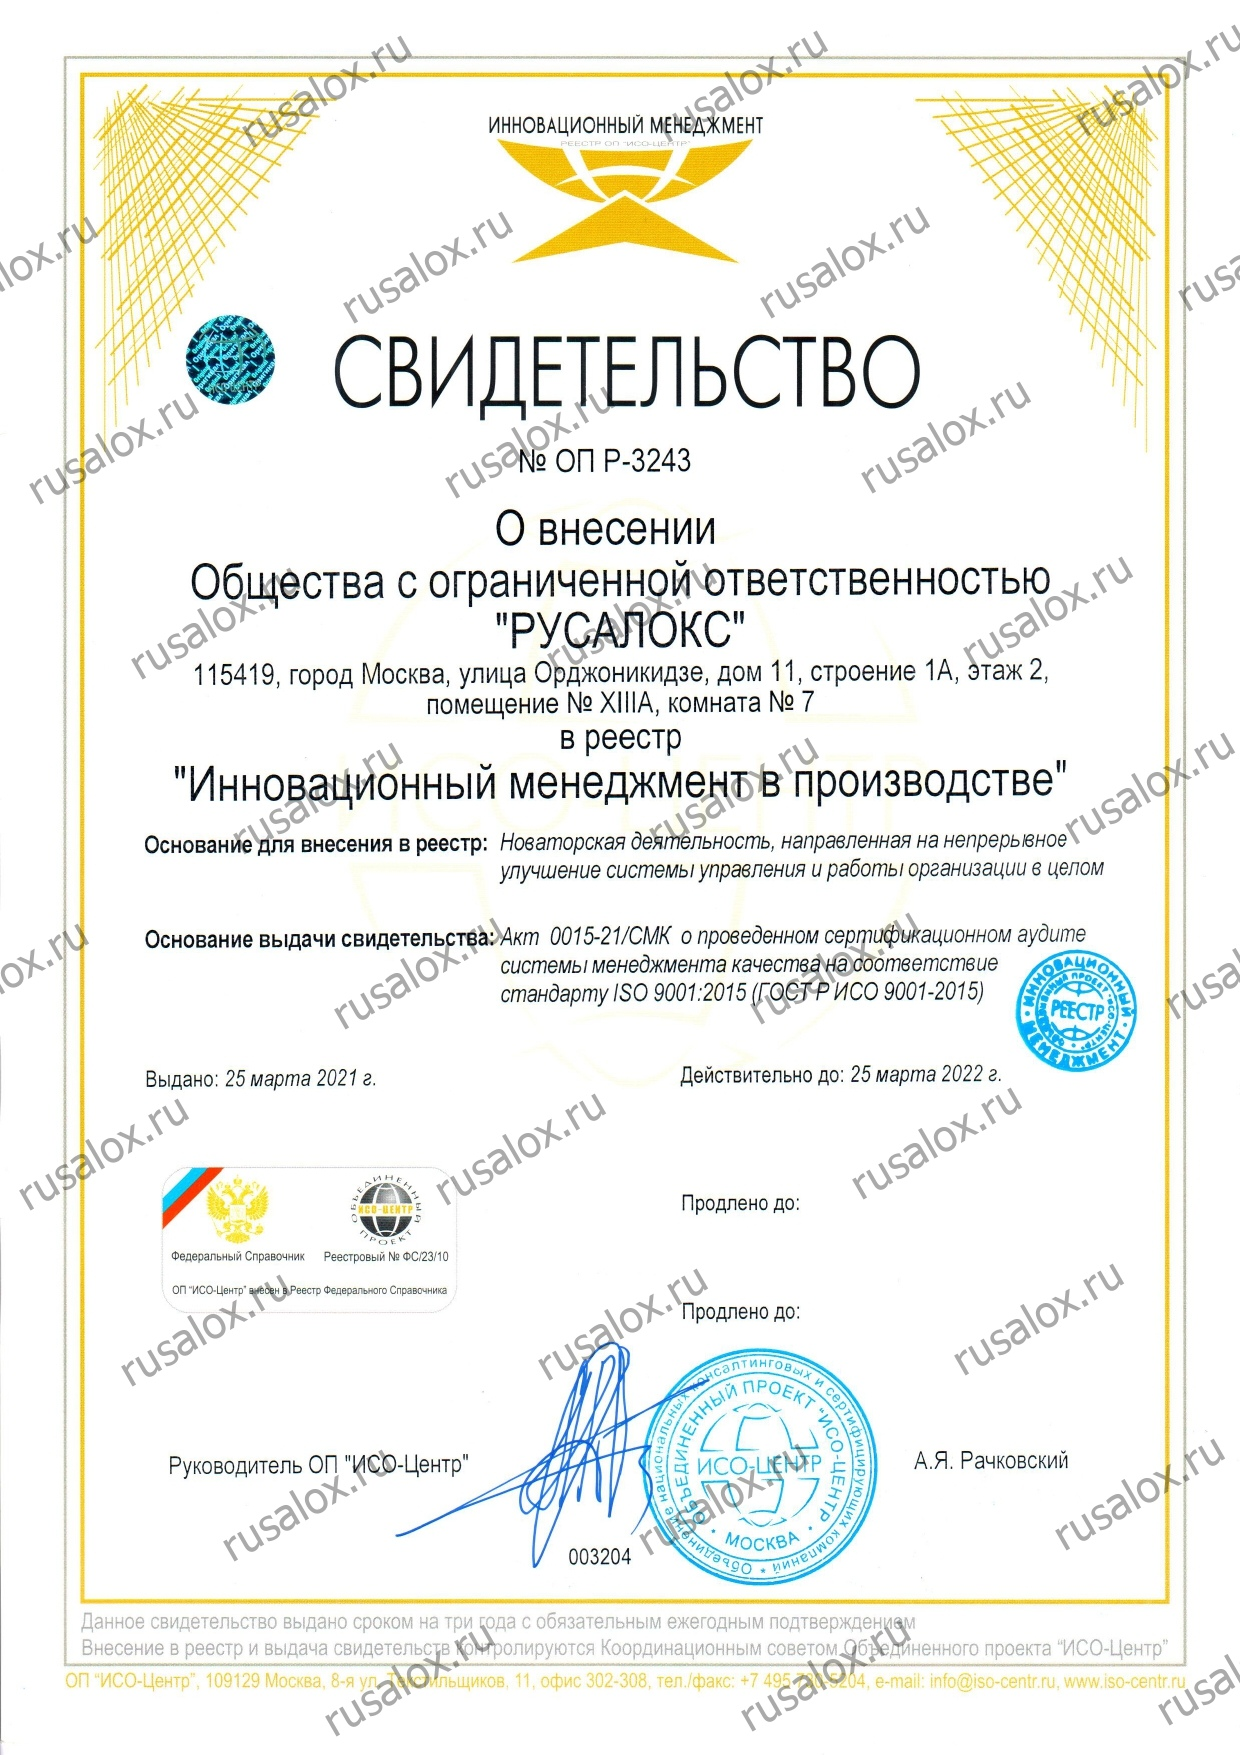 Свидетельство о внесении в реестр «Инновационный менеджмент в производстве»